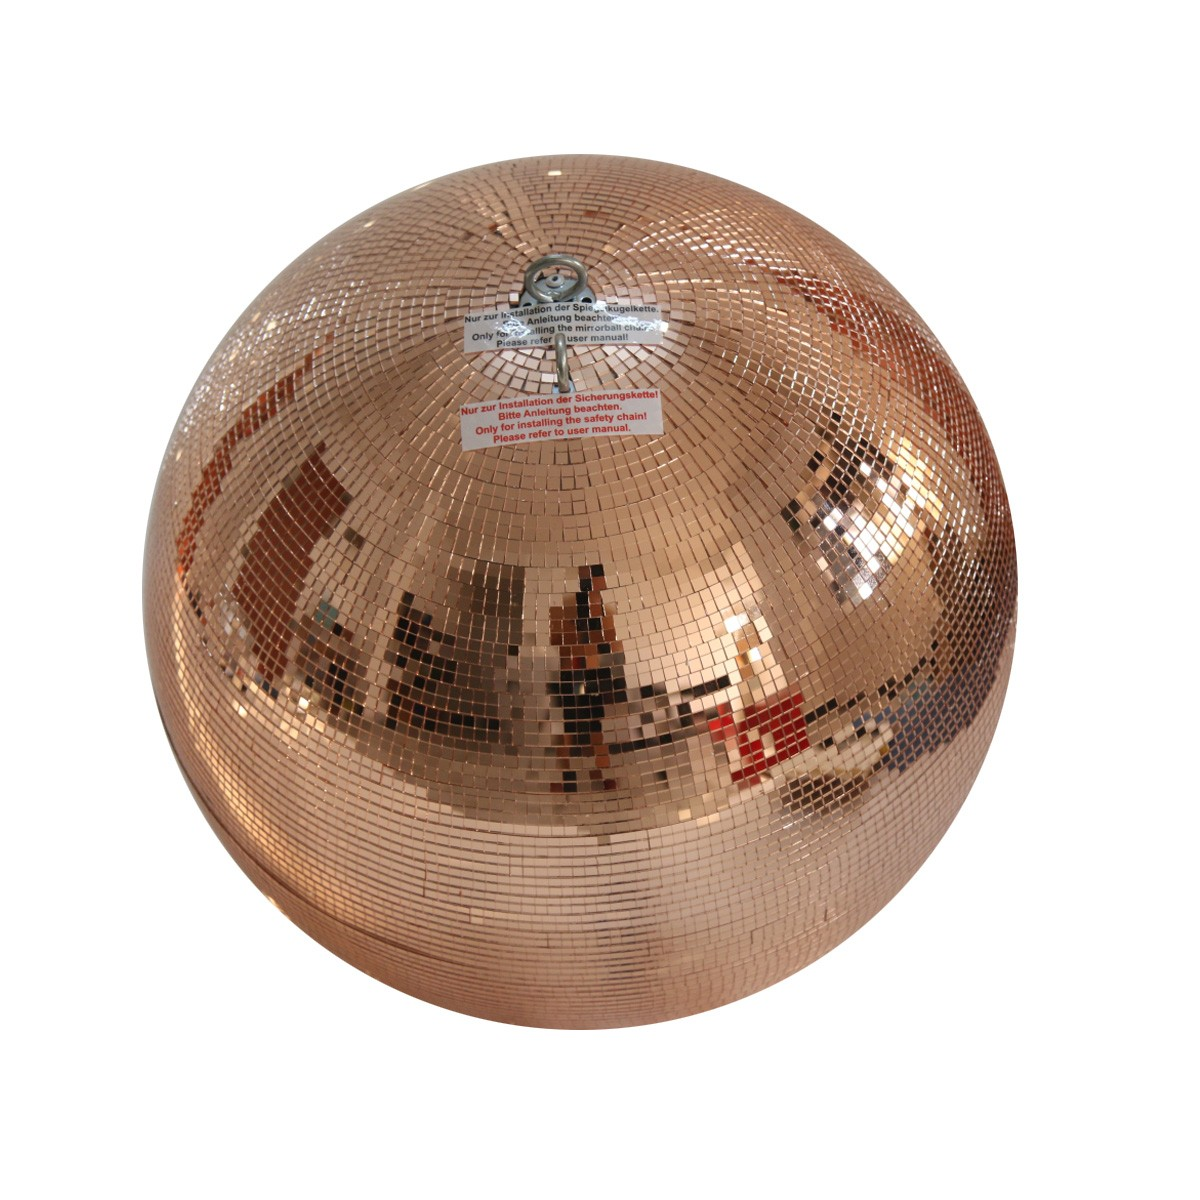 Spiegelkugel 40cm - kupfer - Safety - Diskokugel Echtglas - 10x10mm Spiegel PROFI